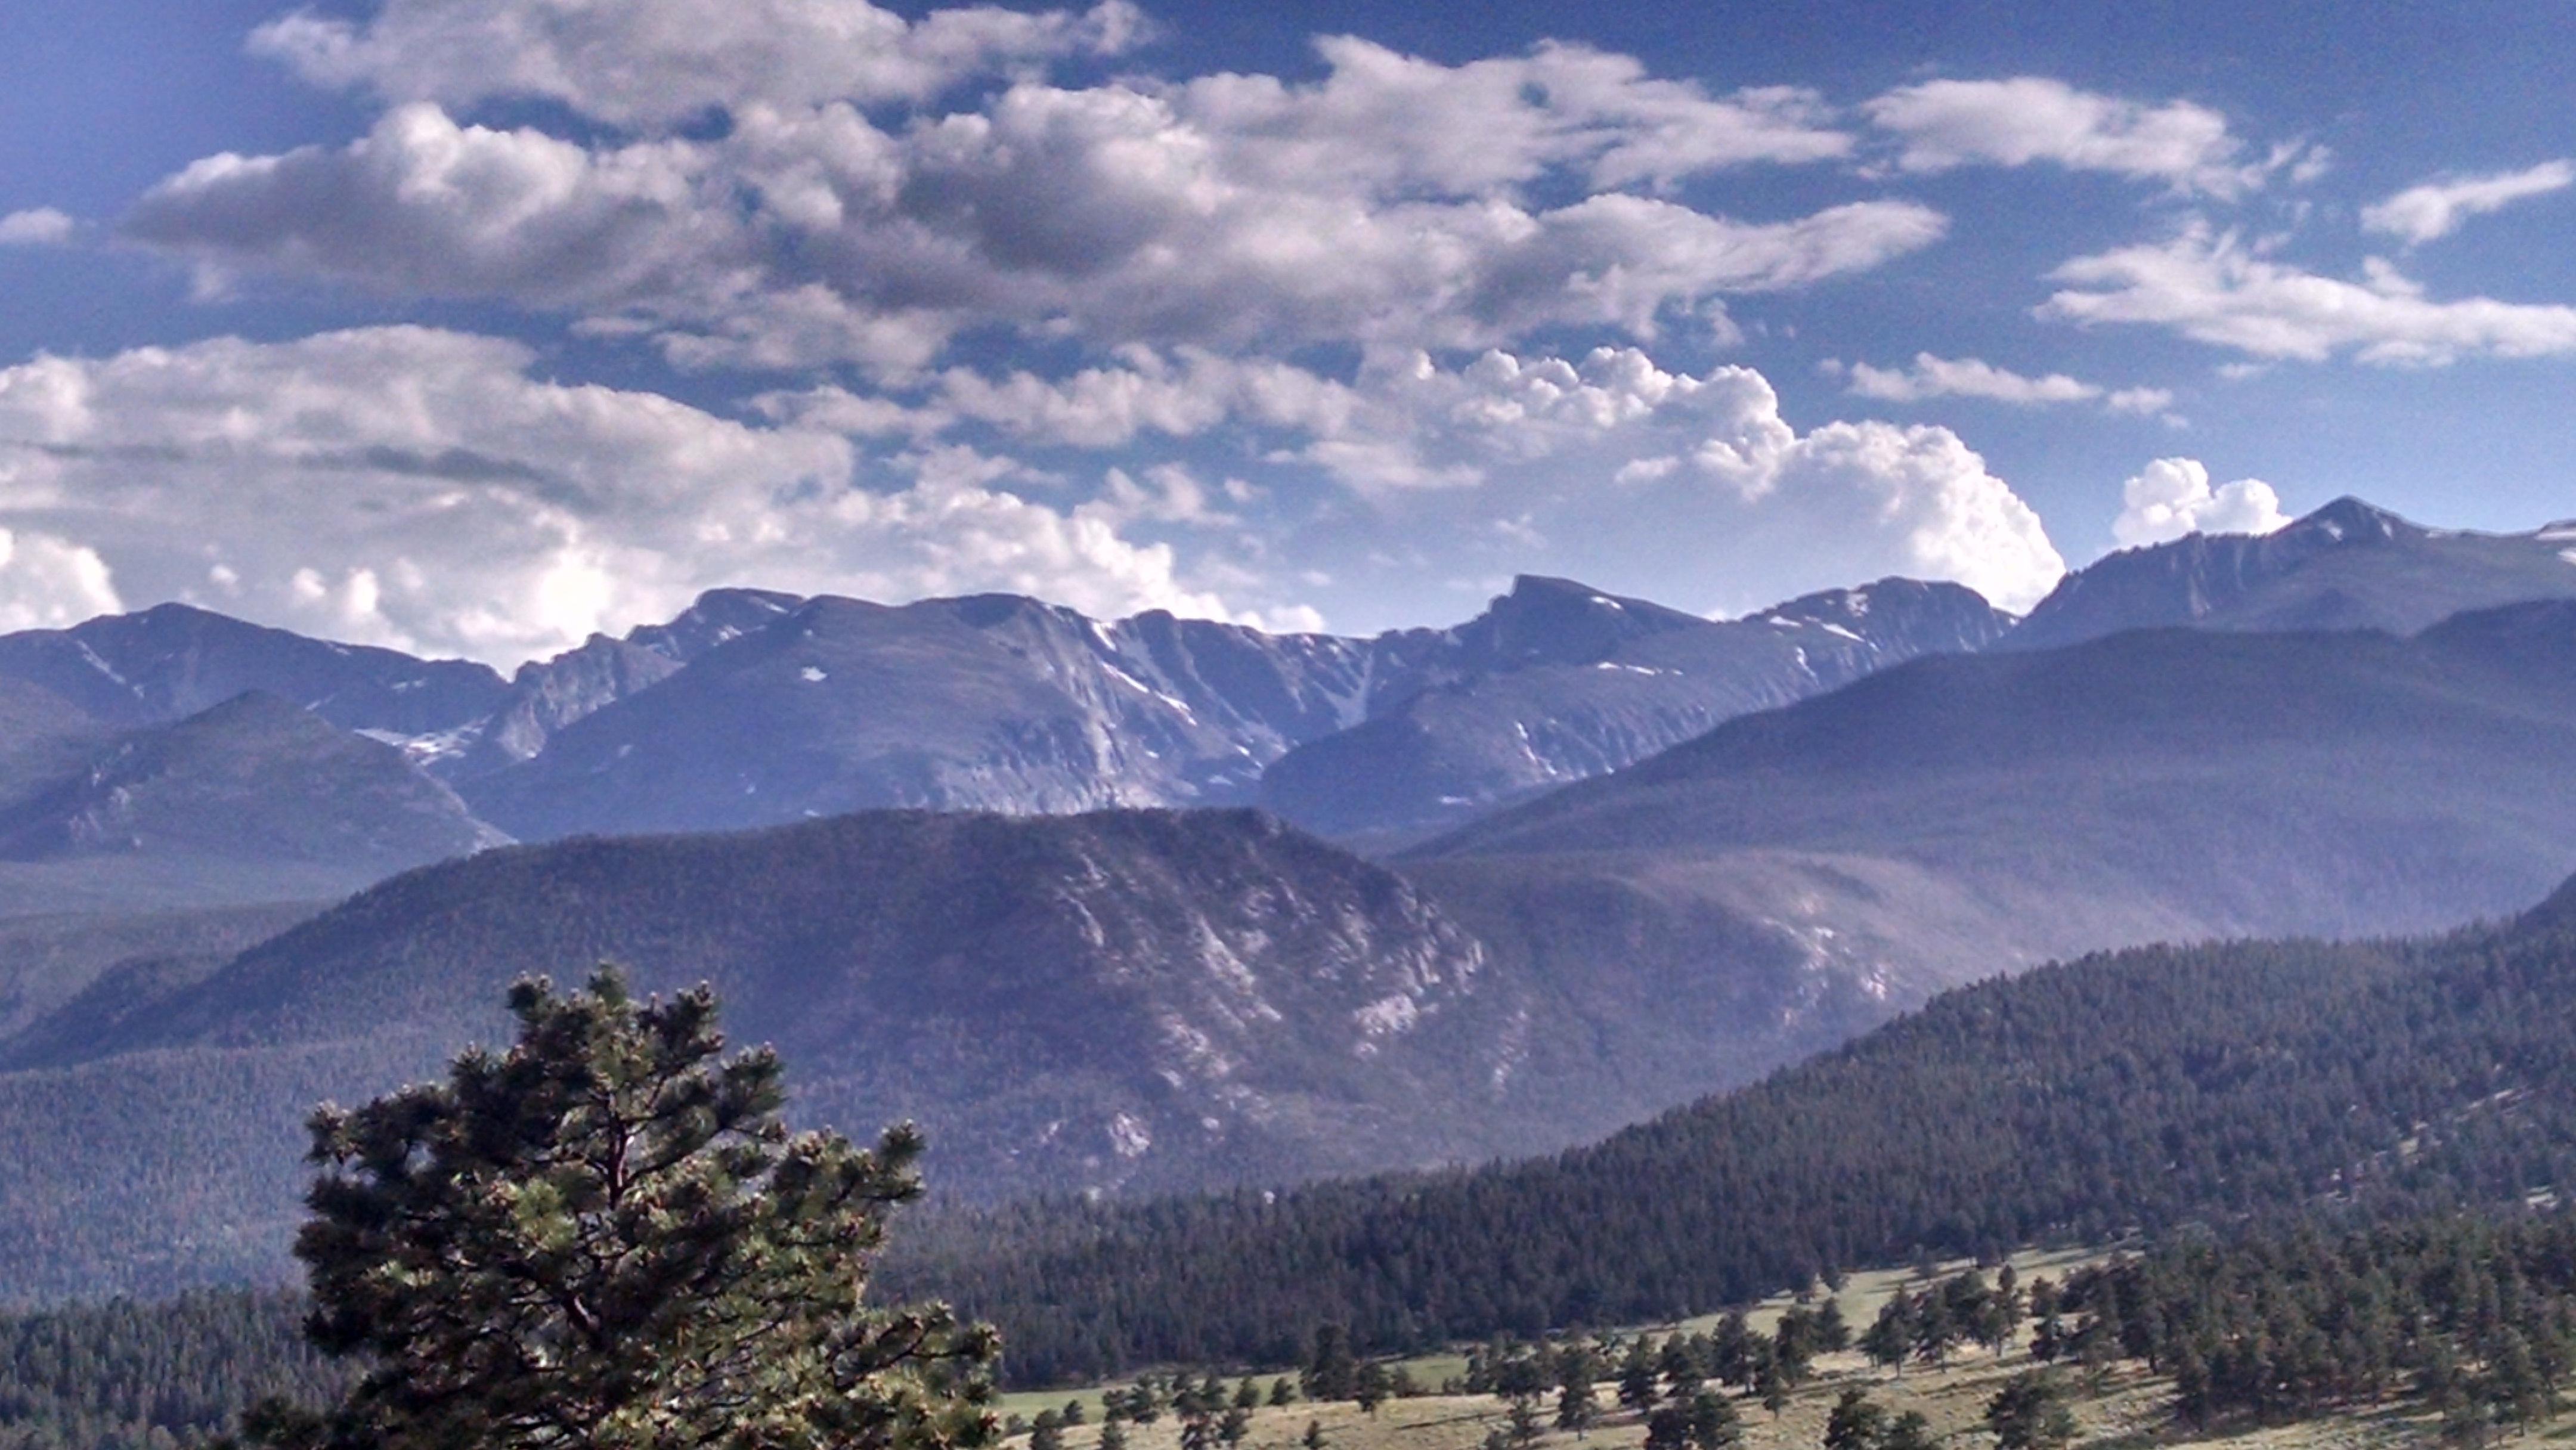 Rockies-clouds